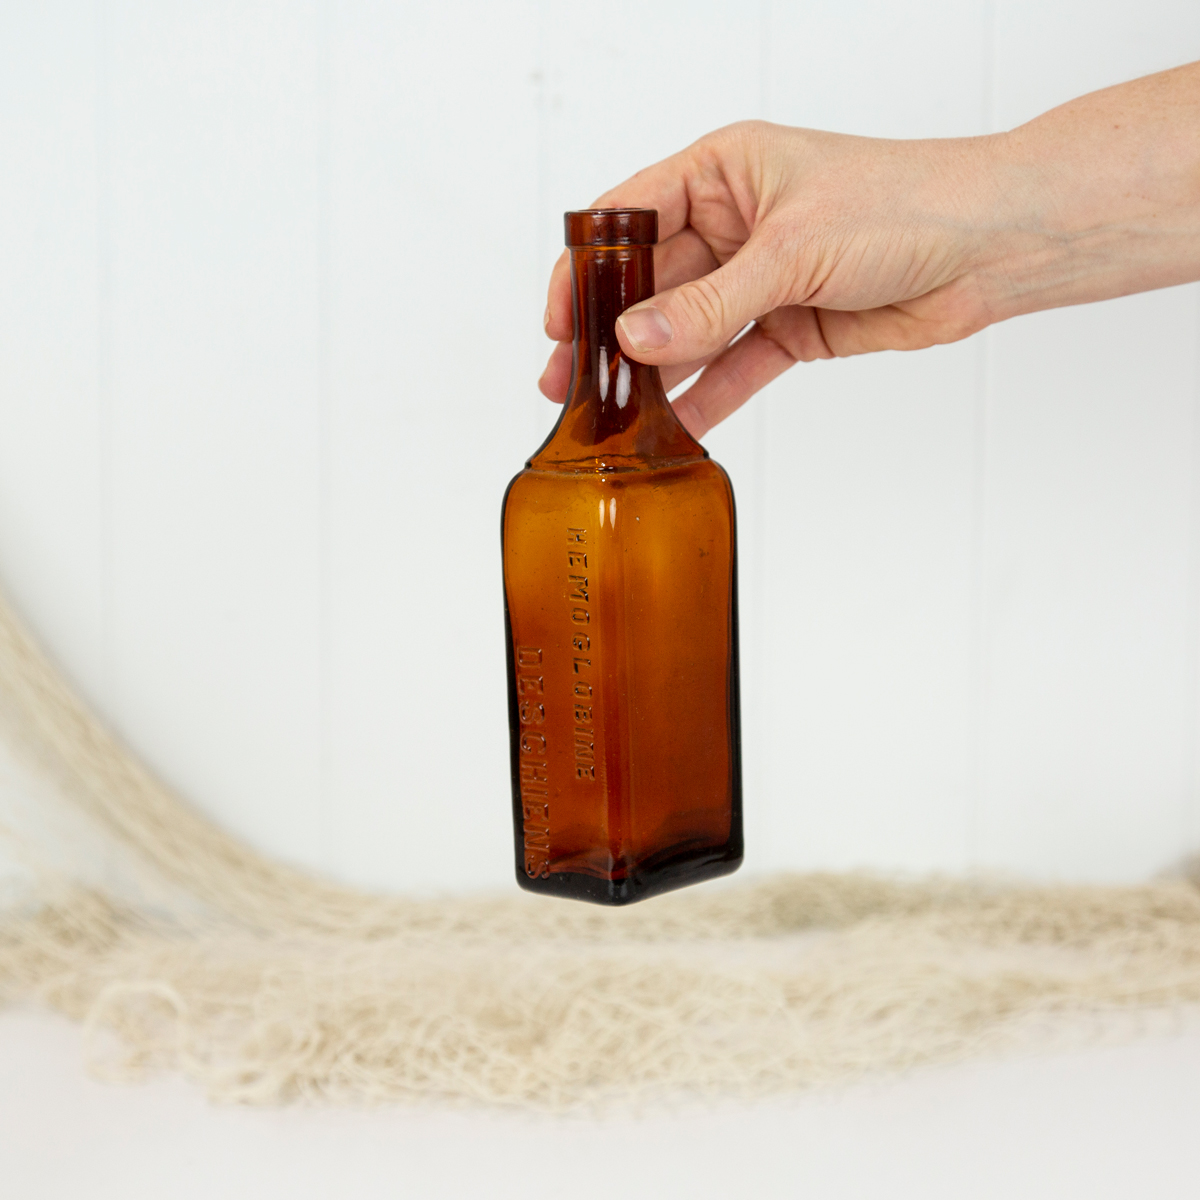 Vintage Bottle-Deschiens  #6356